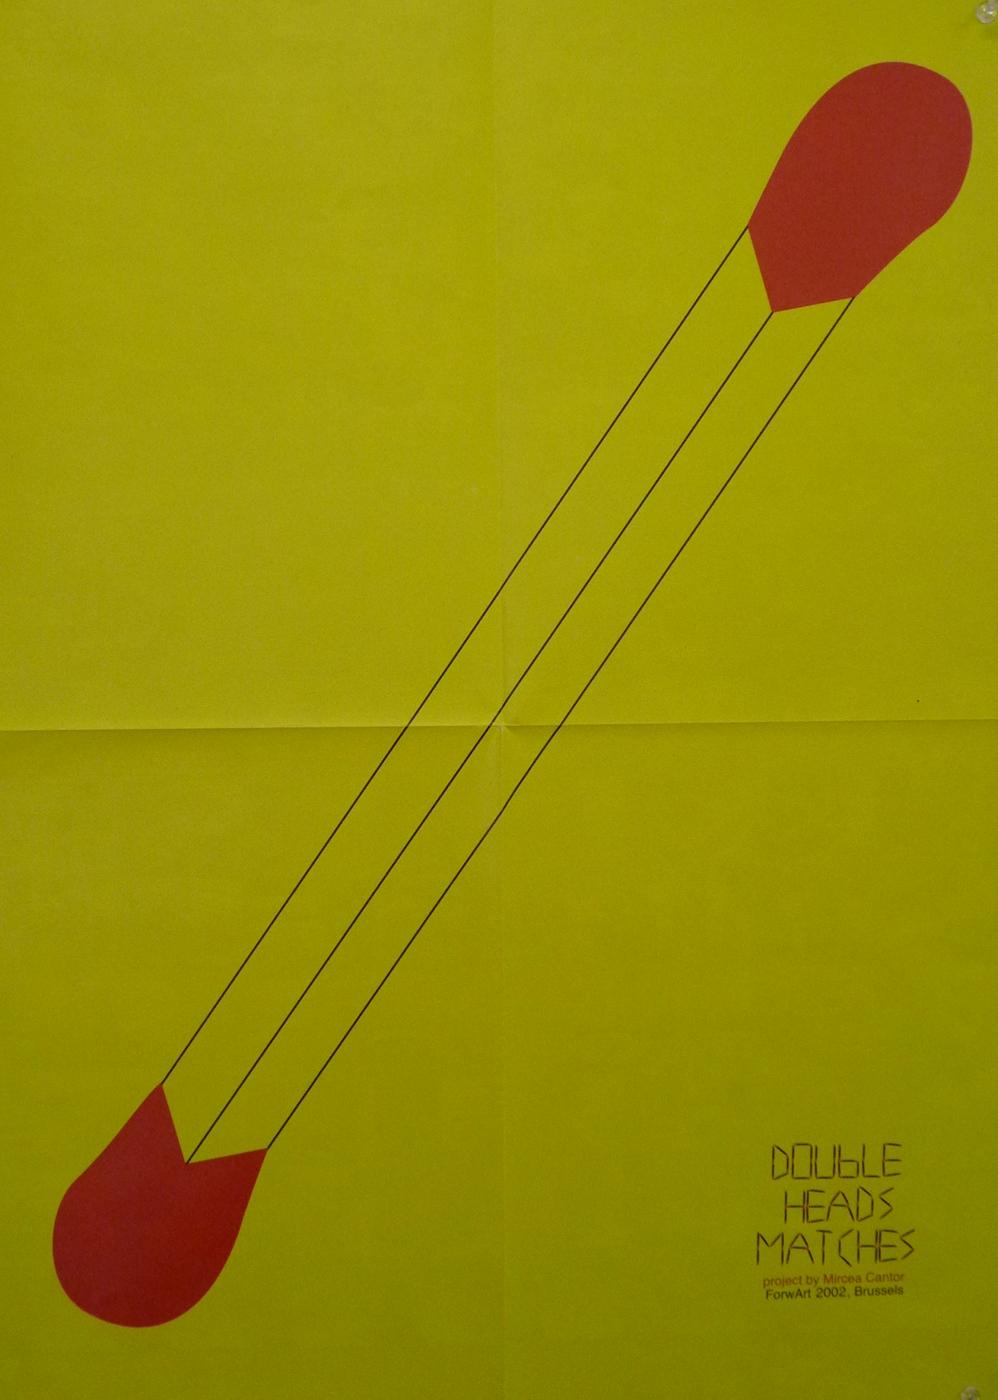 Double Heads Matches (détail), installation, vidéo, boîte d'allumettes, poster